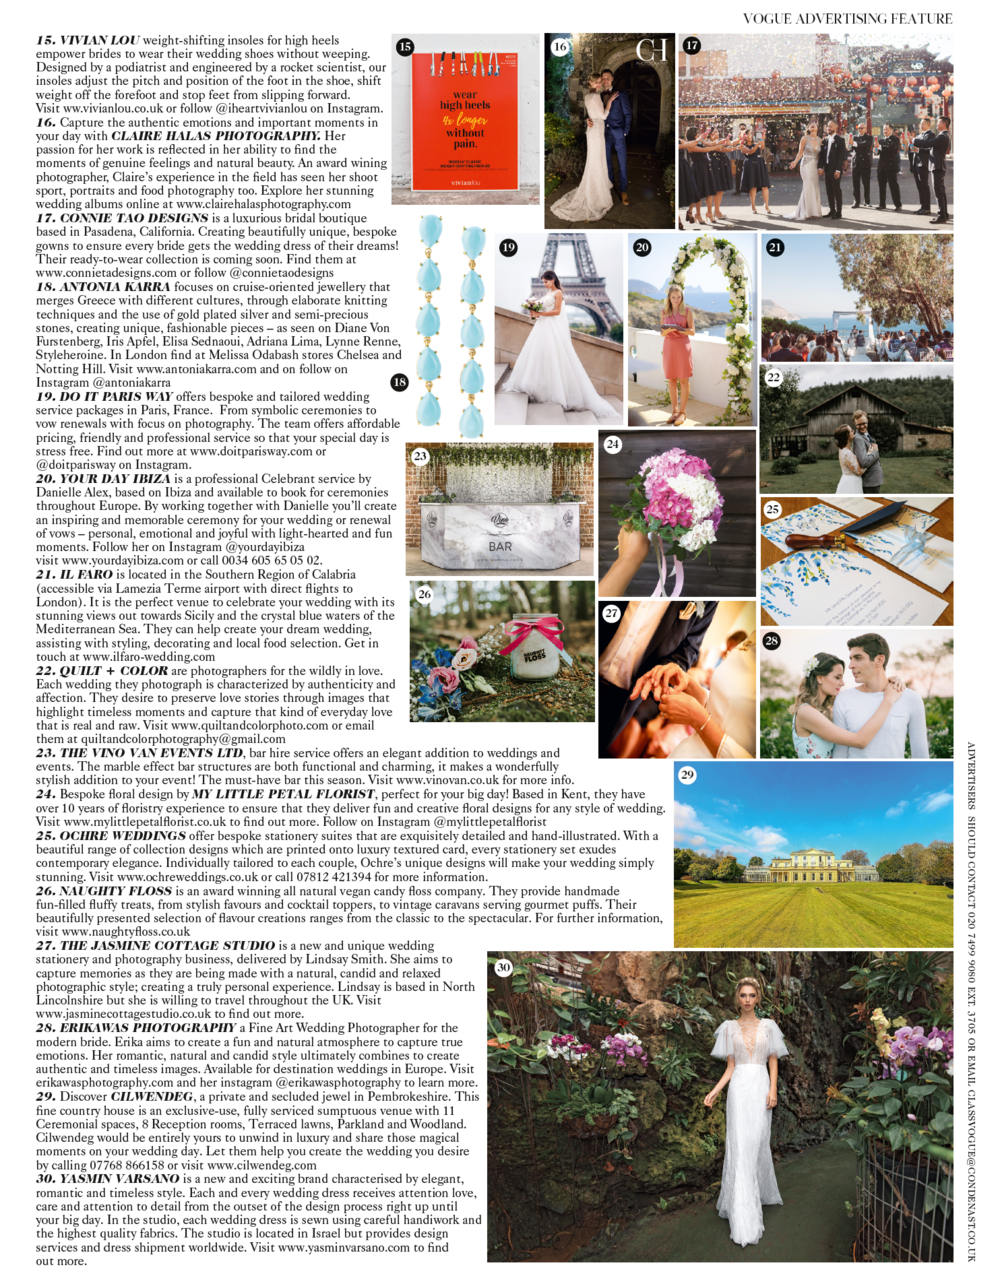 319 White Wedding.png